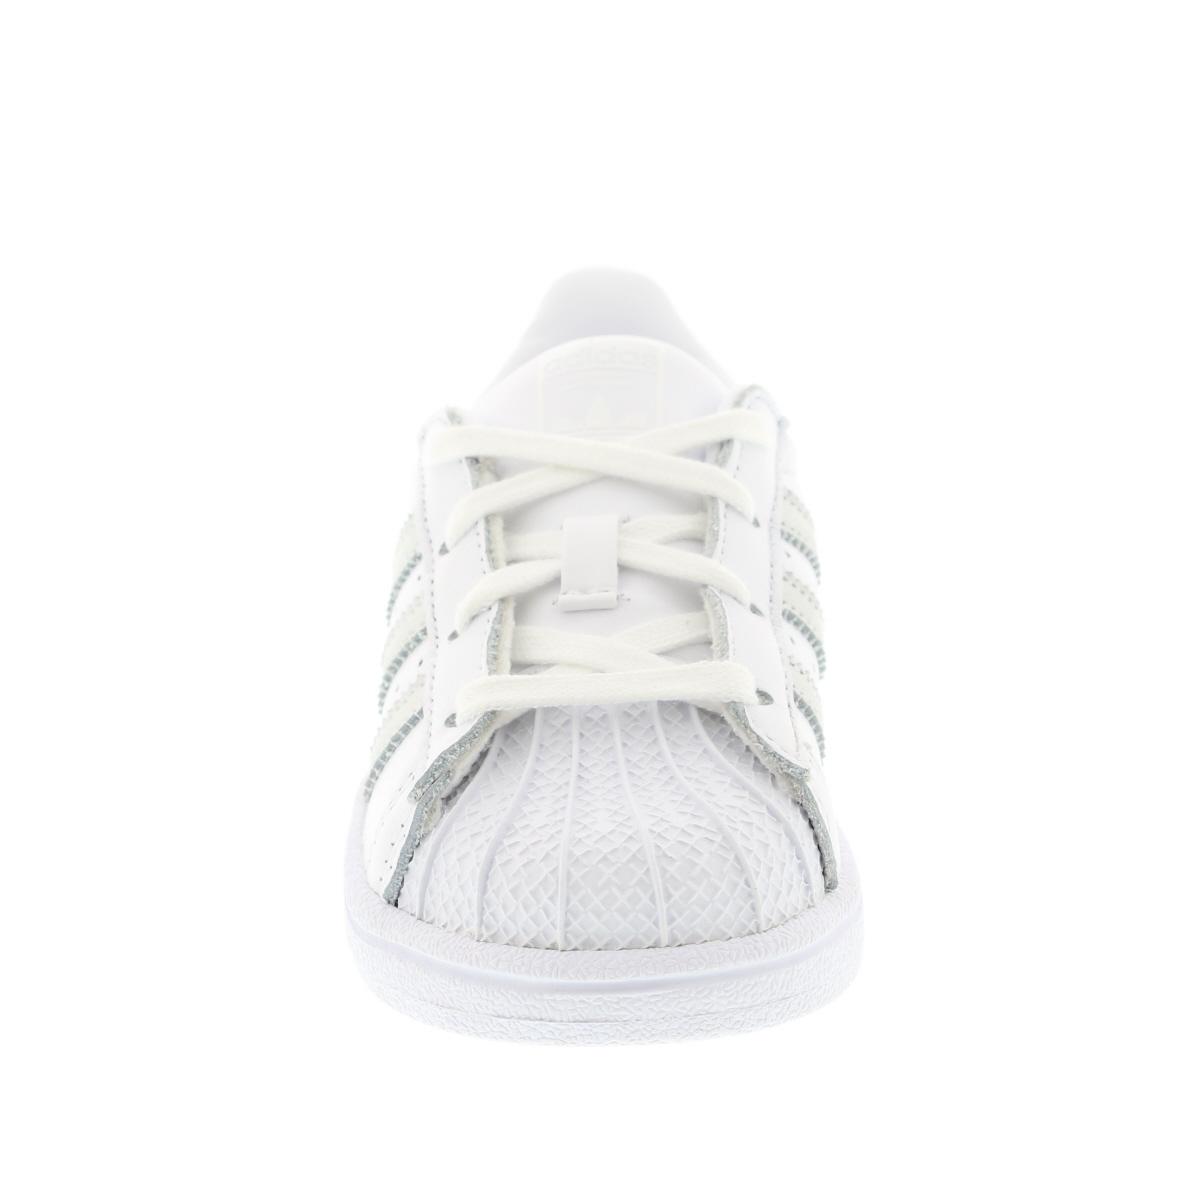 adidas schoenen maattabel